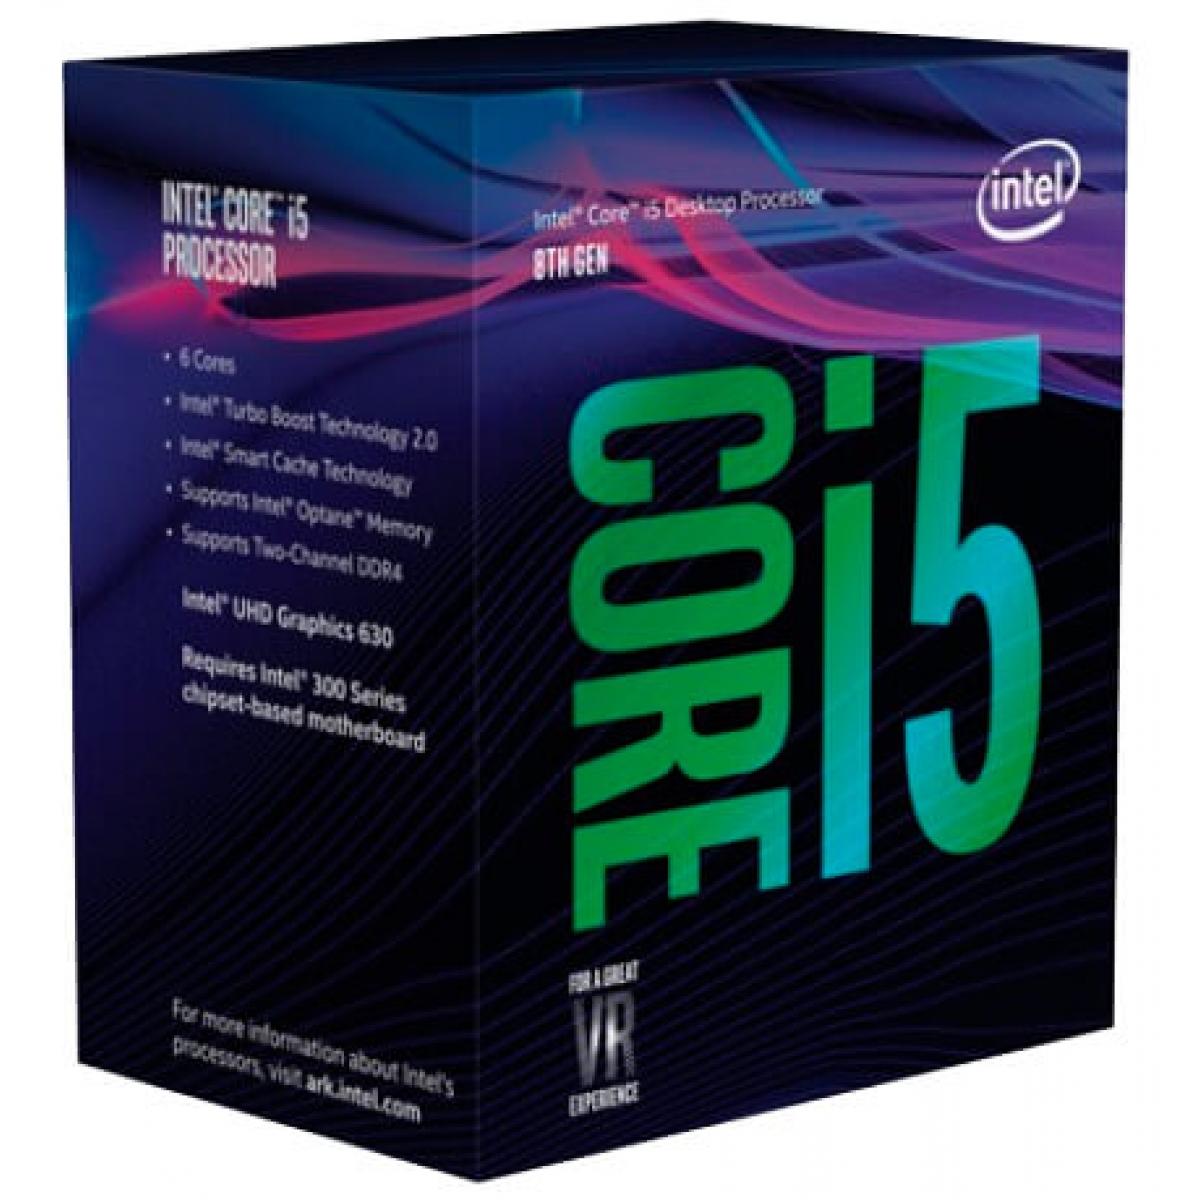 Processador Intel Core i5 8400 2.8GHz / 4.0GHz Max Turbo 9MB BX80684I58400 8ª Geração Coffee Lake LGA 1151 IMP